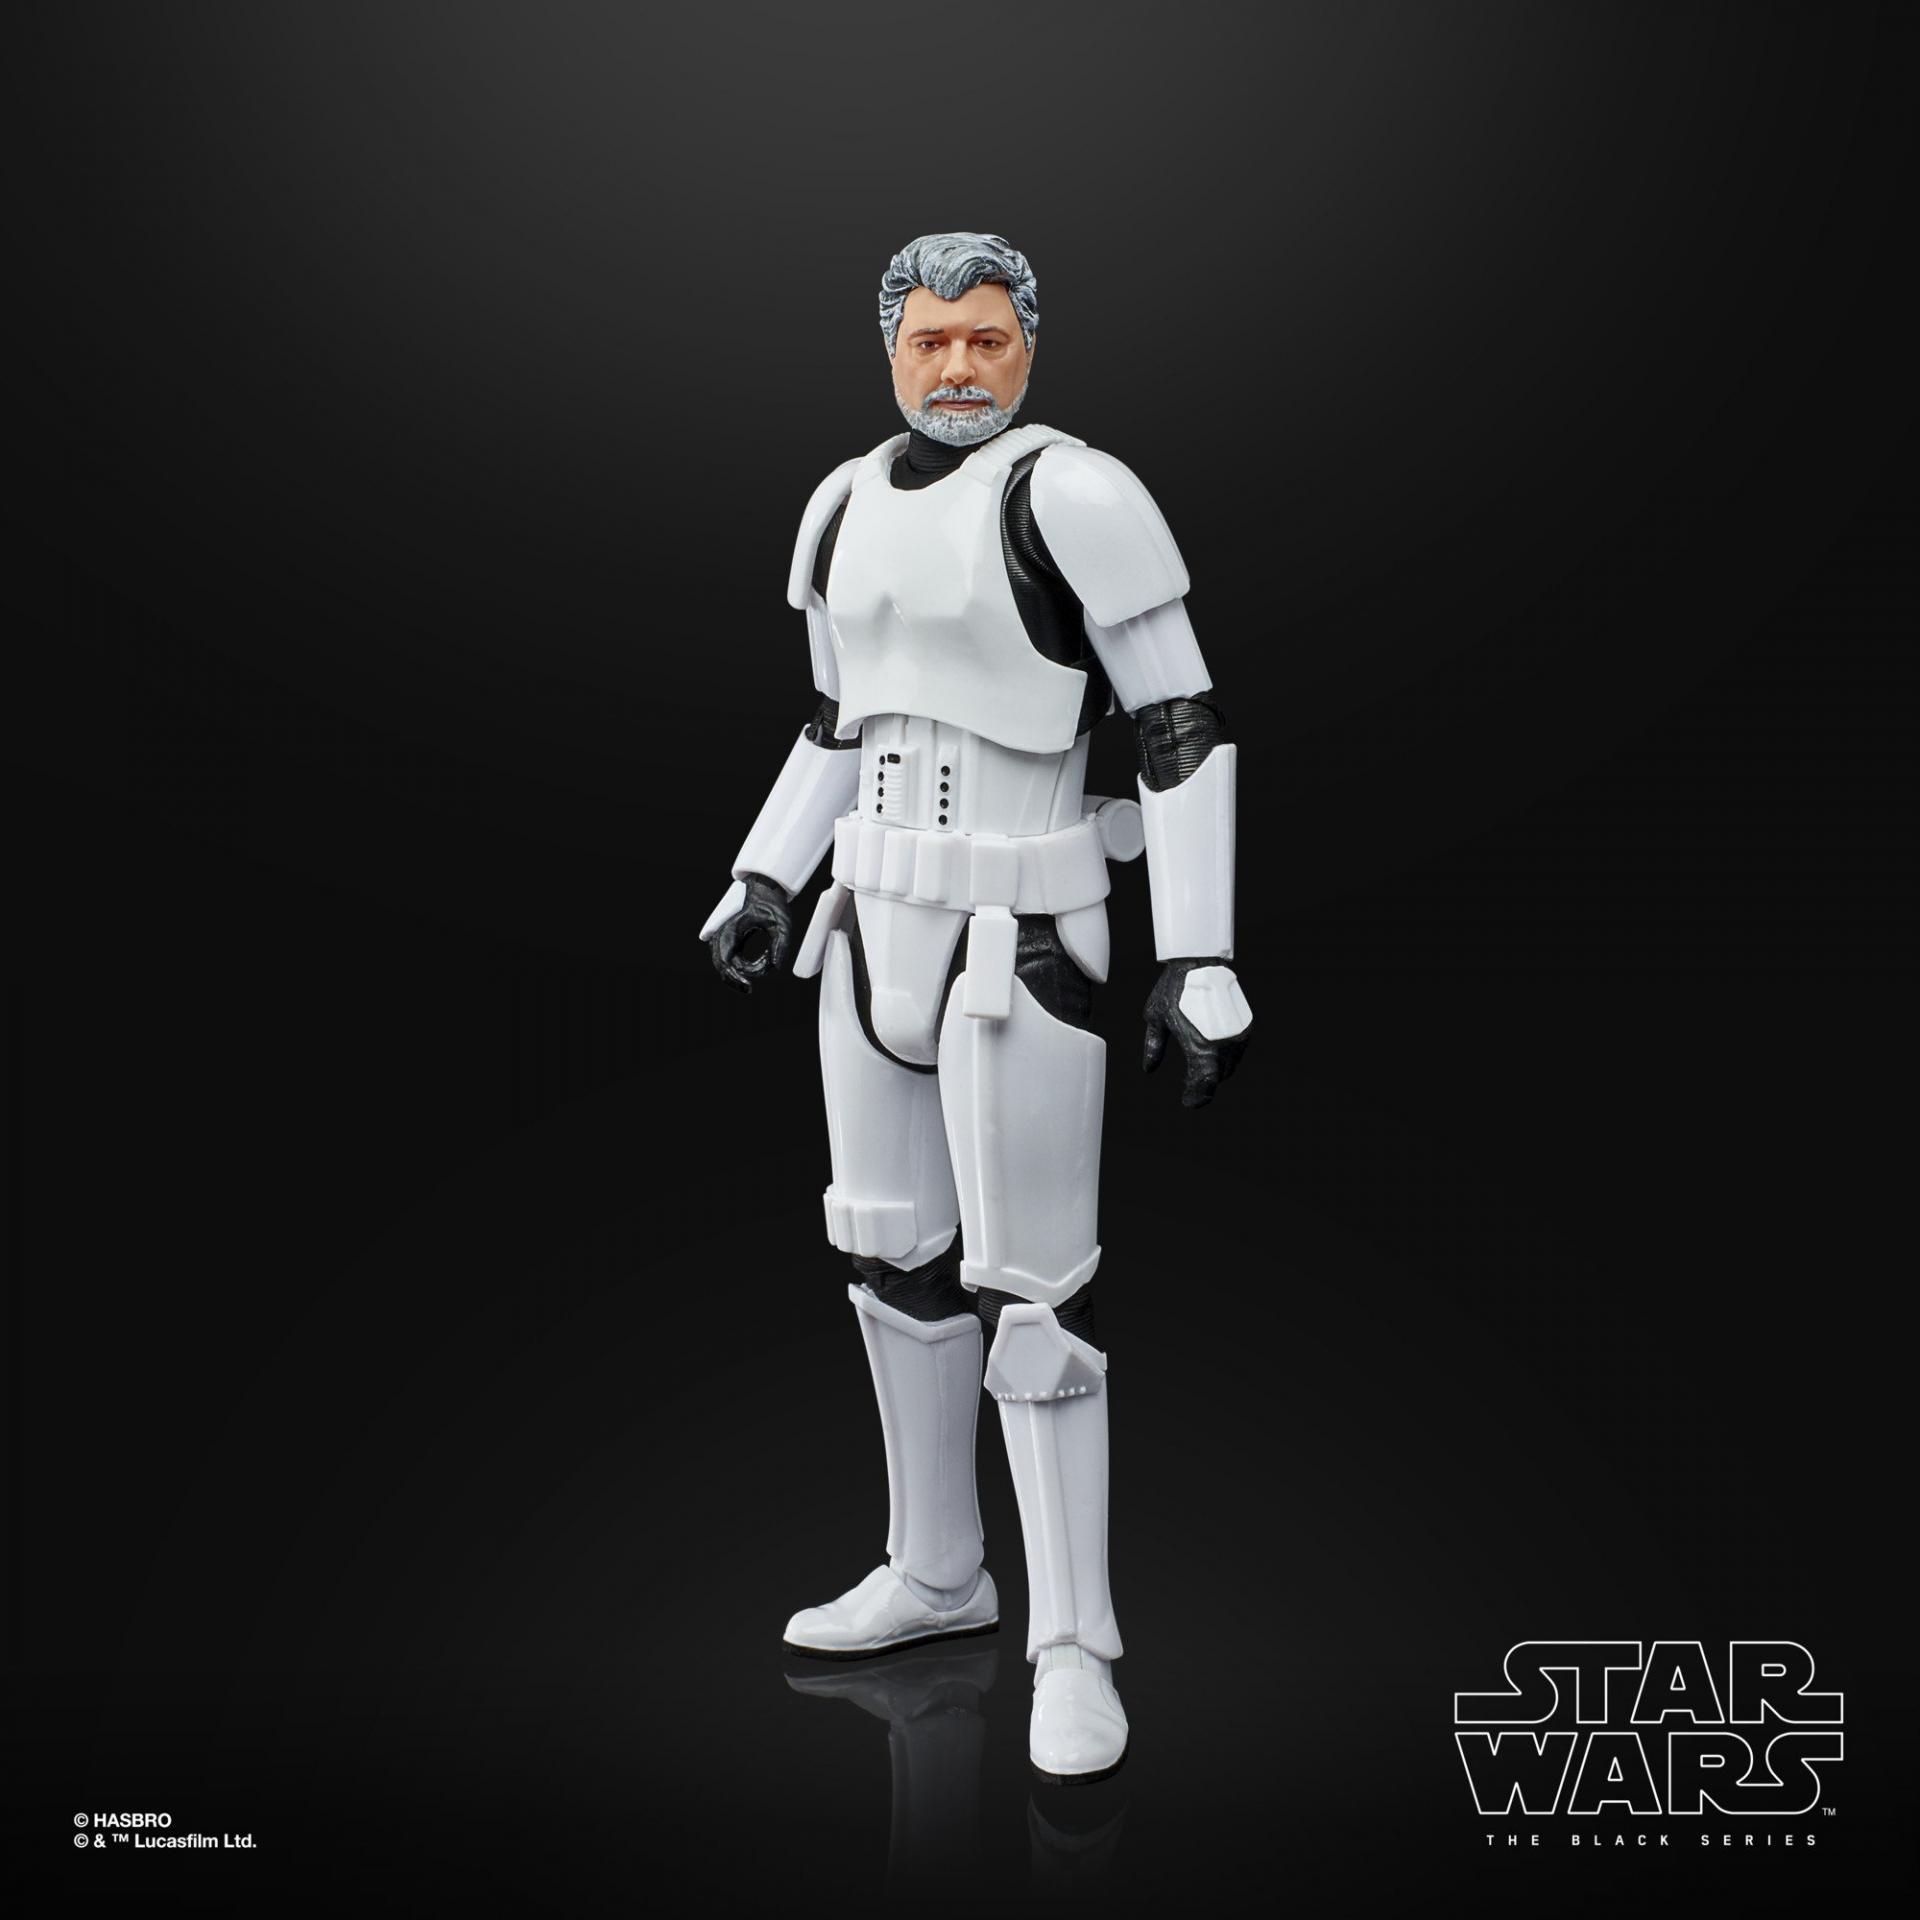 Star wars the black series george lucas in stormtrooper disguise